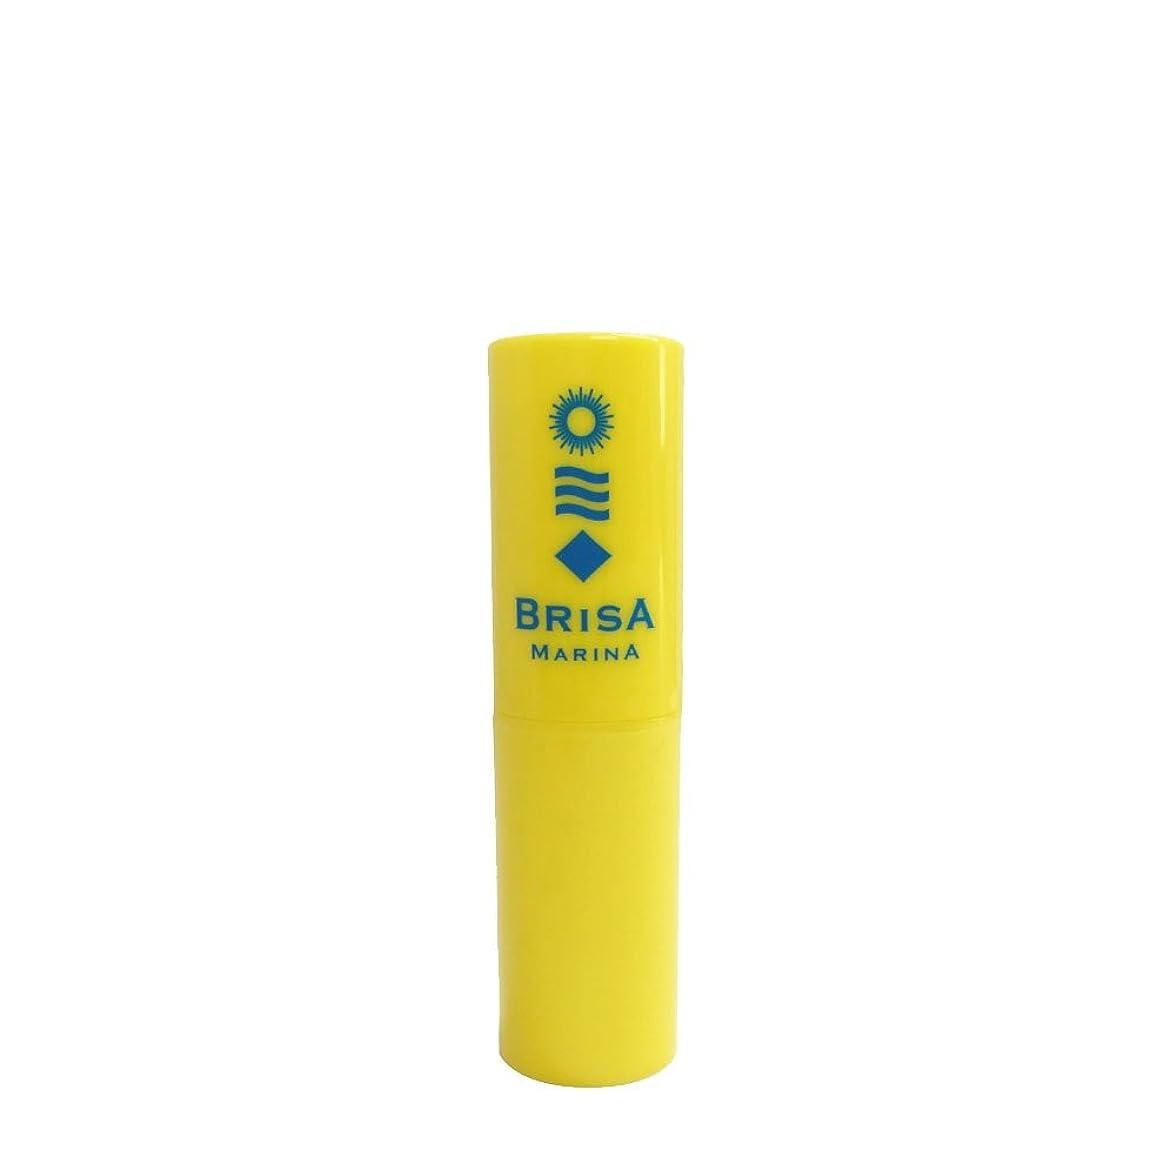 ナイロンラッシュ酸度BRISA MARINA(ブリサ マリーナ) 日焼け止めUVリップ(クリア) 3g[SPF32 PA+++] Z-0CBM0016200 バリエーション不要